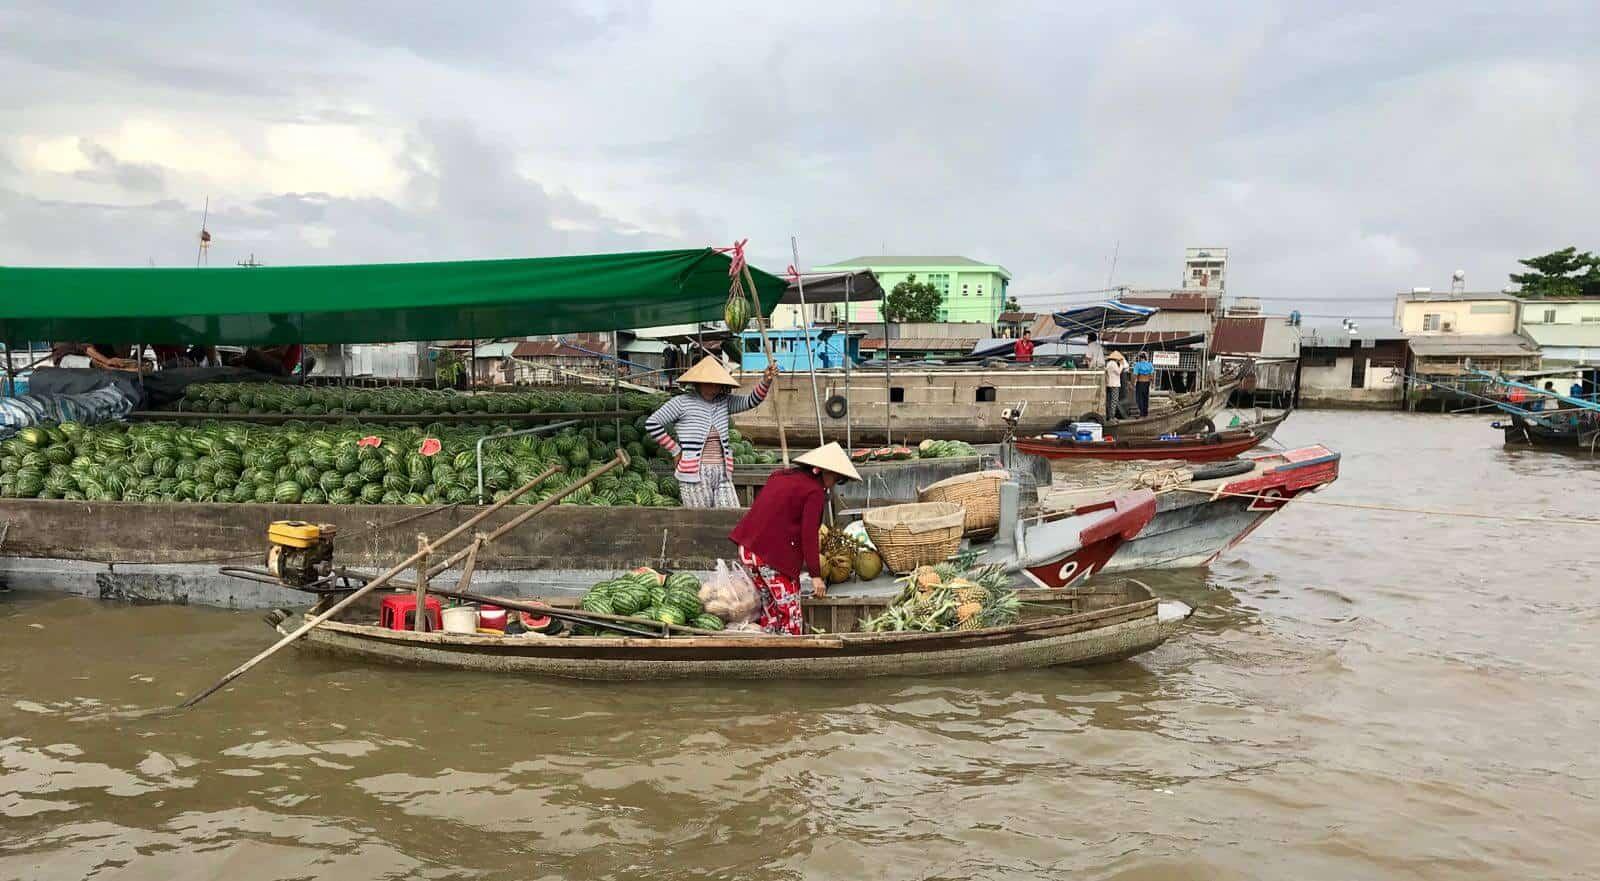 Floating Market Mekong Delta Vietnam betternotstop